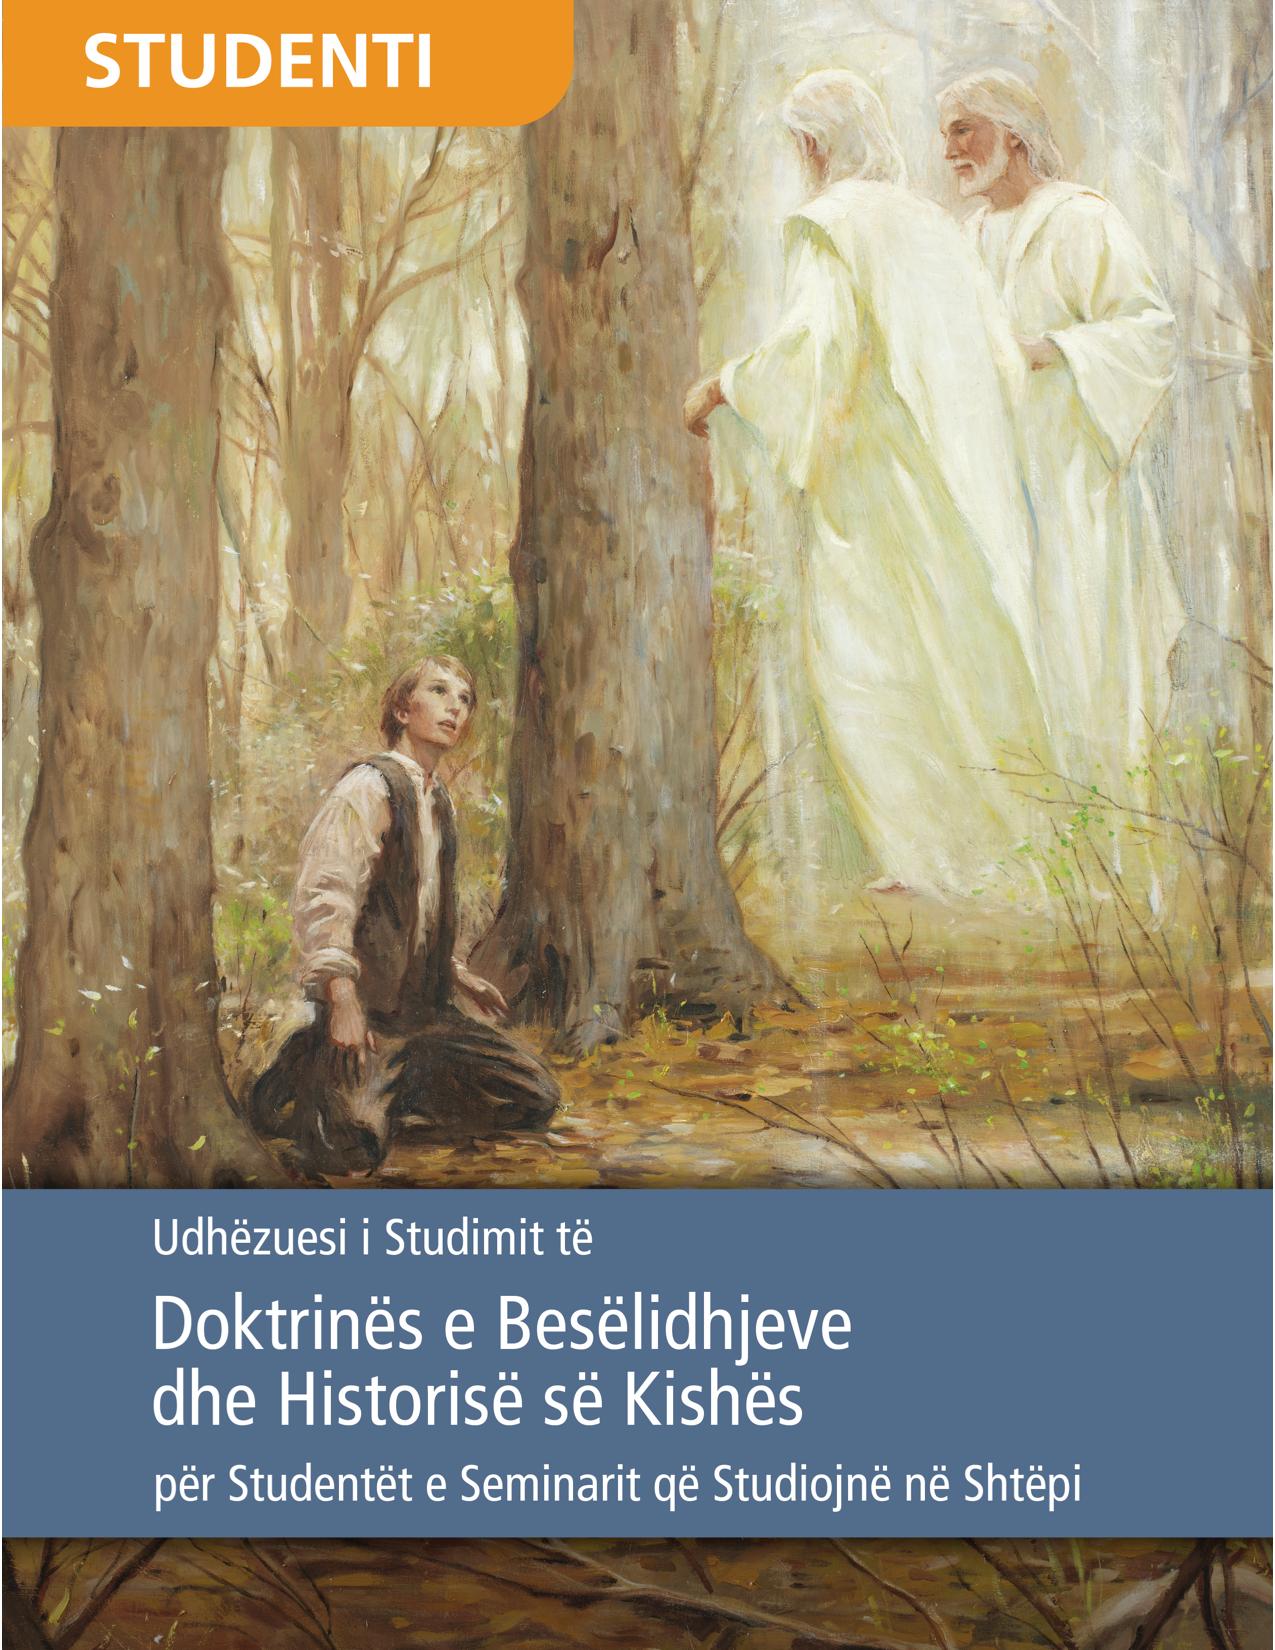 Udhëzuesi i Studimit të Doktrinës e Besëlidhjeve dhe Historisë së Kishës për Studentët e Seminarit që Studiojnë në Shtëpi